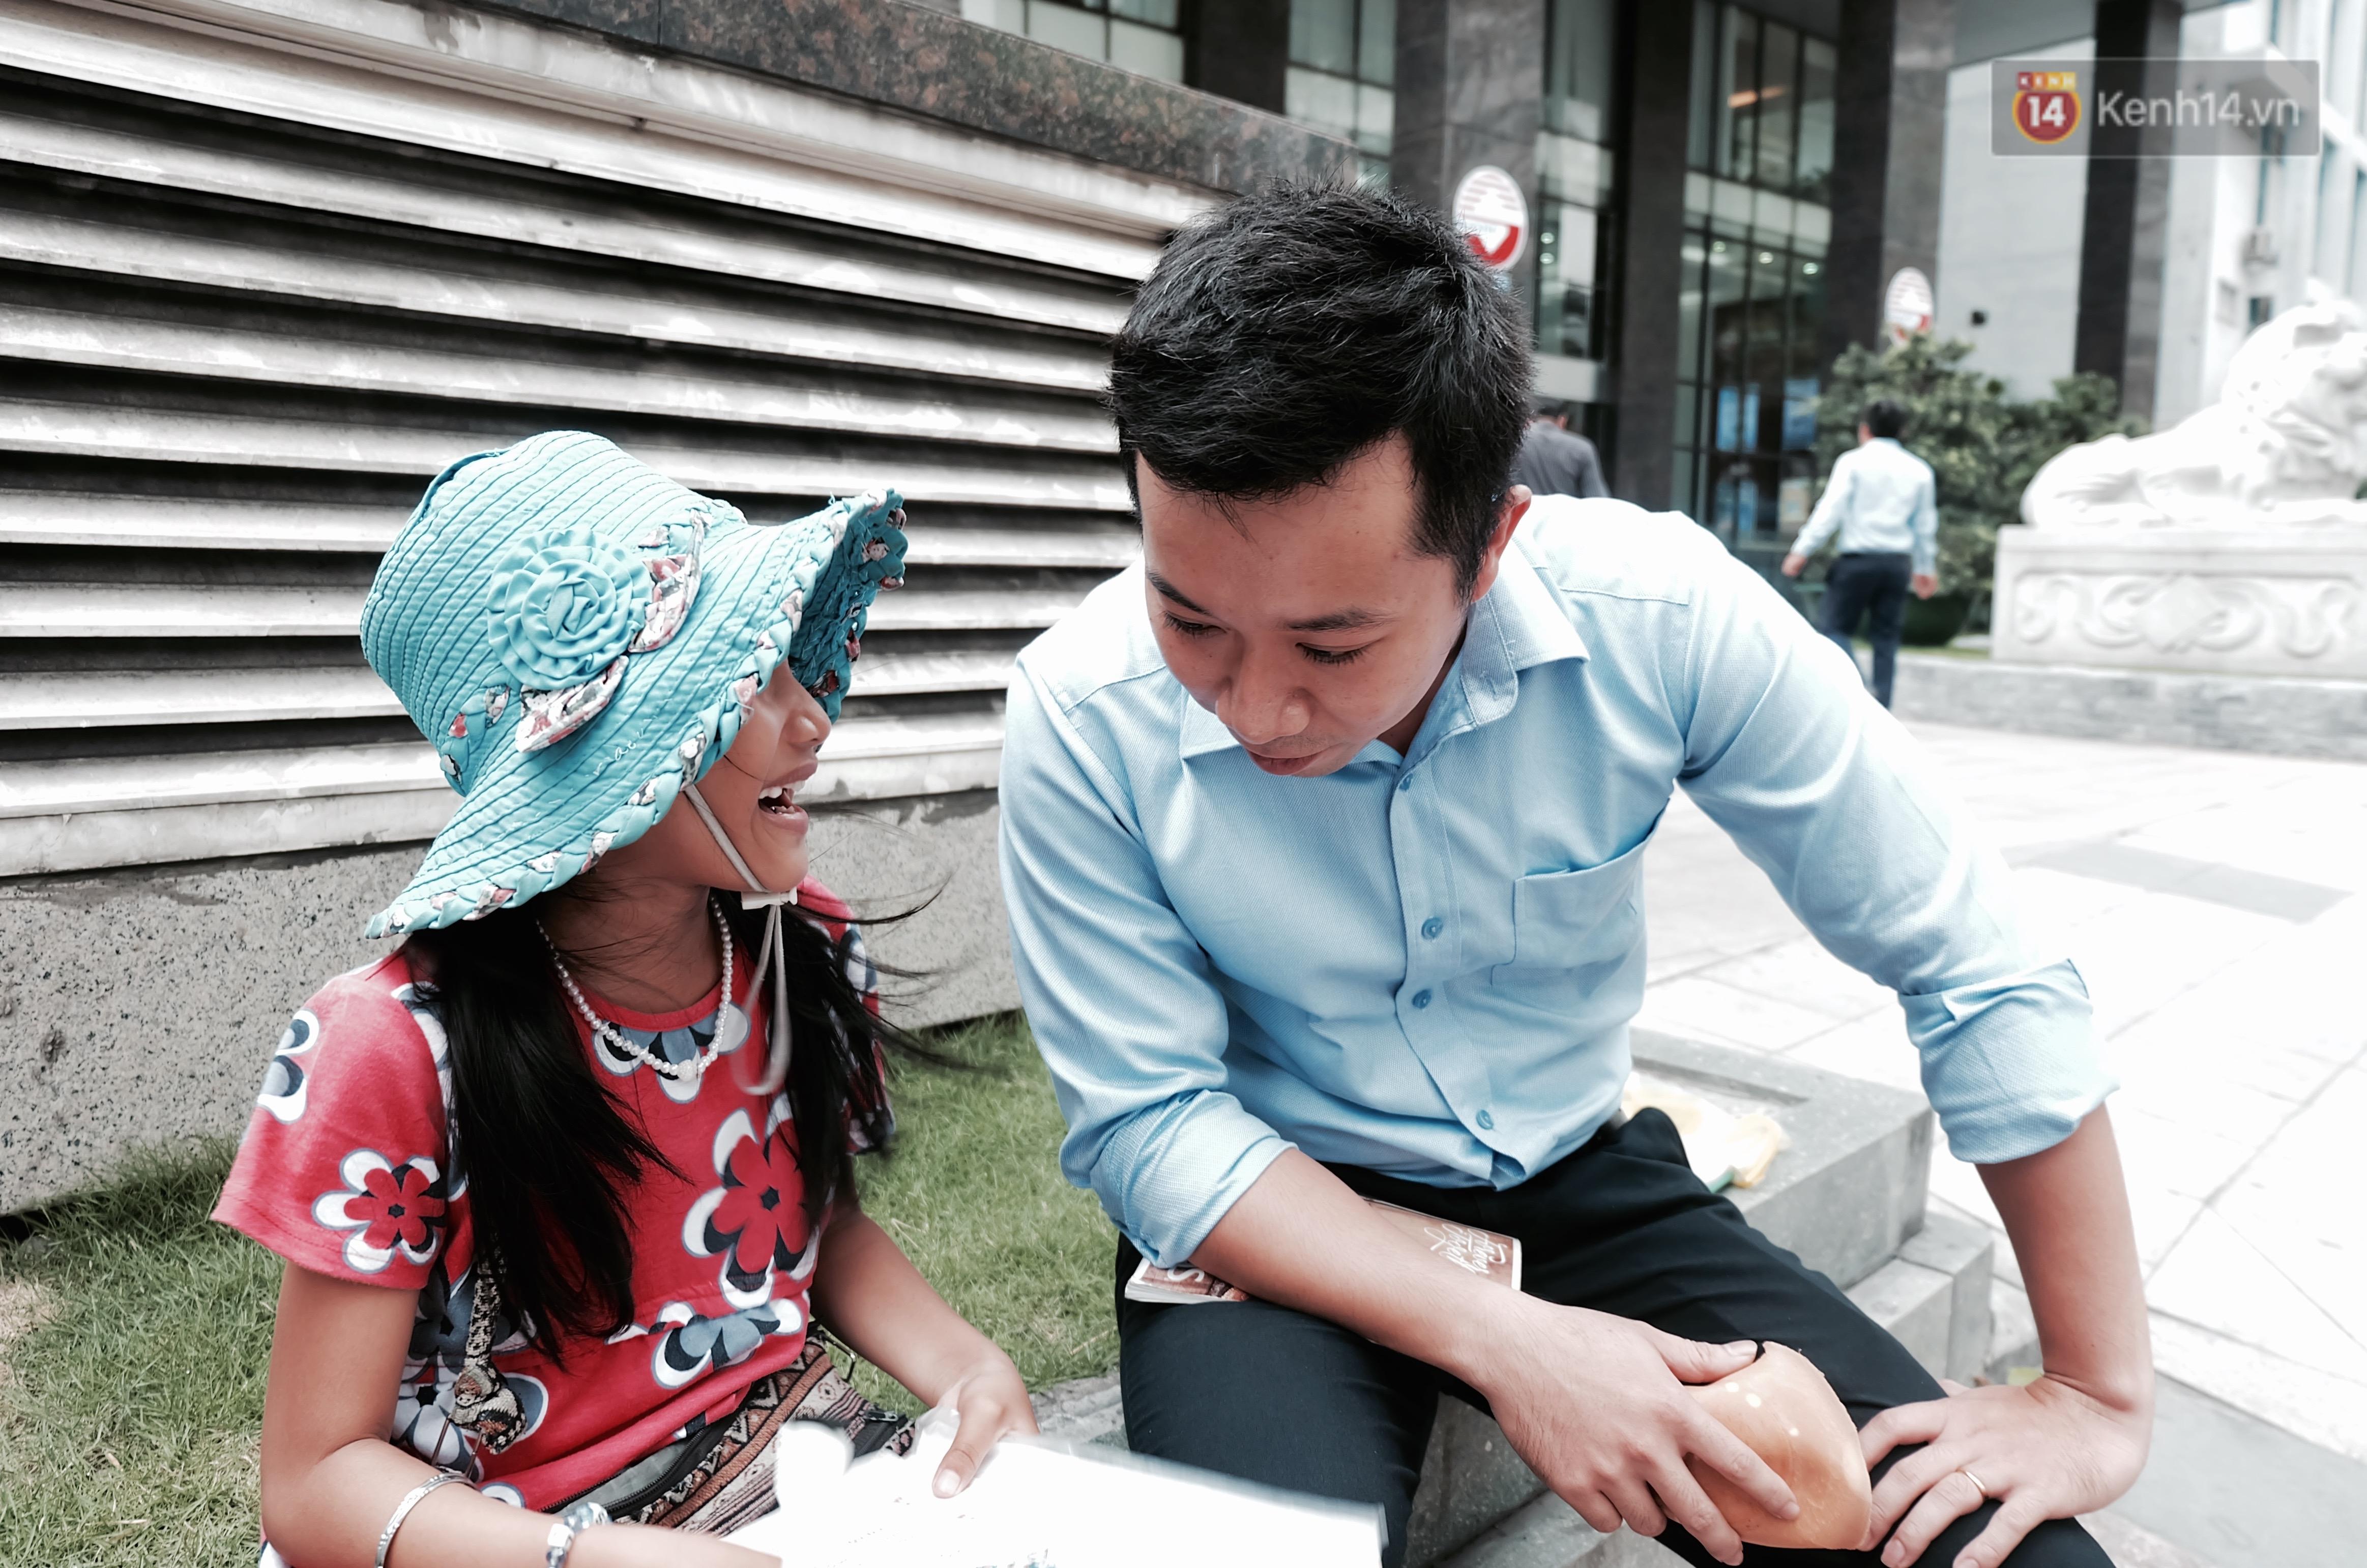 Đời sống: Hành trình mà nhiều người lớn tử tế đang tìm lại niềm vui cho những đứa bé nghèo ở Sài Gòn